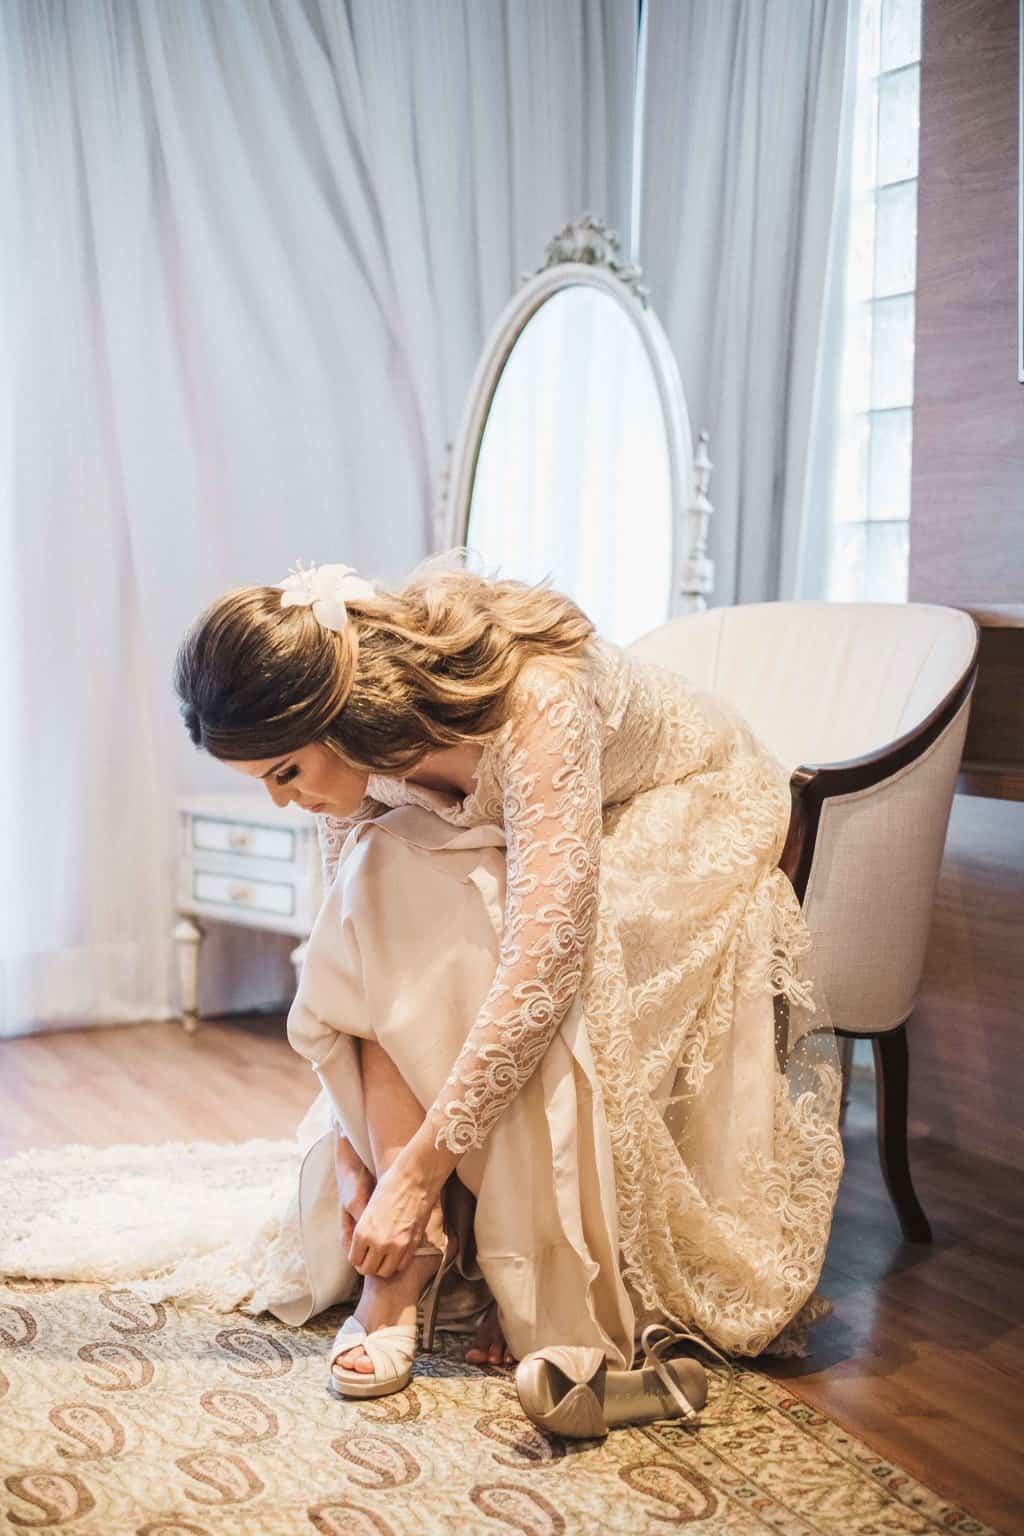 Andrea-Kapps-casamento-na-serra-decoracao-rustica-Fotografia-Renata-Xavier-Les-Amies-Cerimonial-Locanda-Della-Mimosa-making-of-Natalia-e-Bruno-sapato-da-noiva250